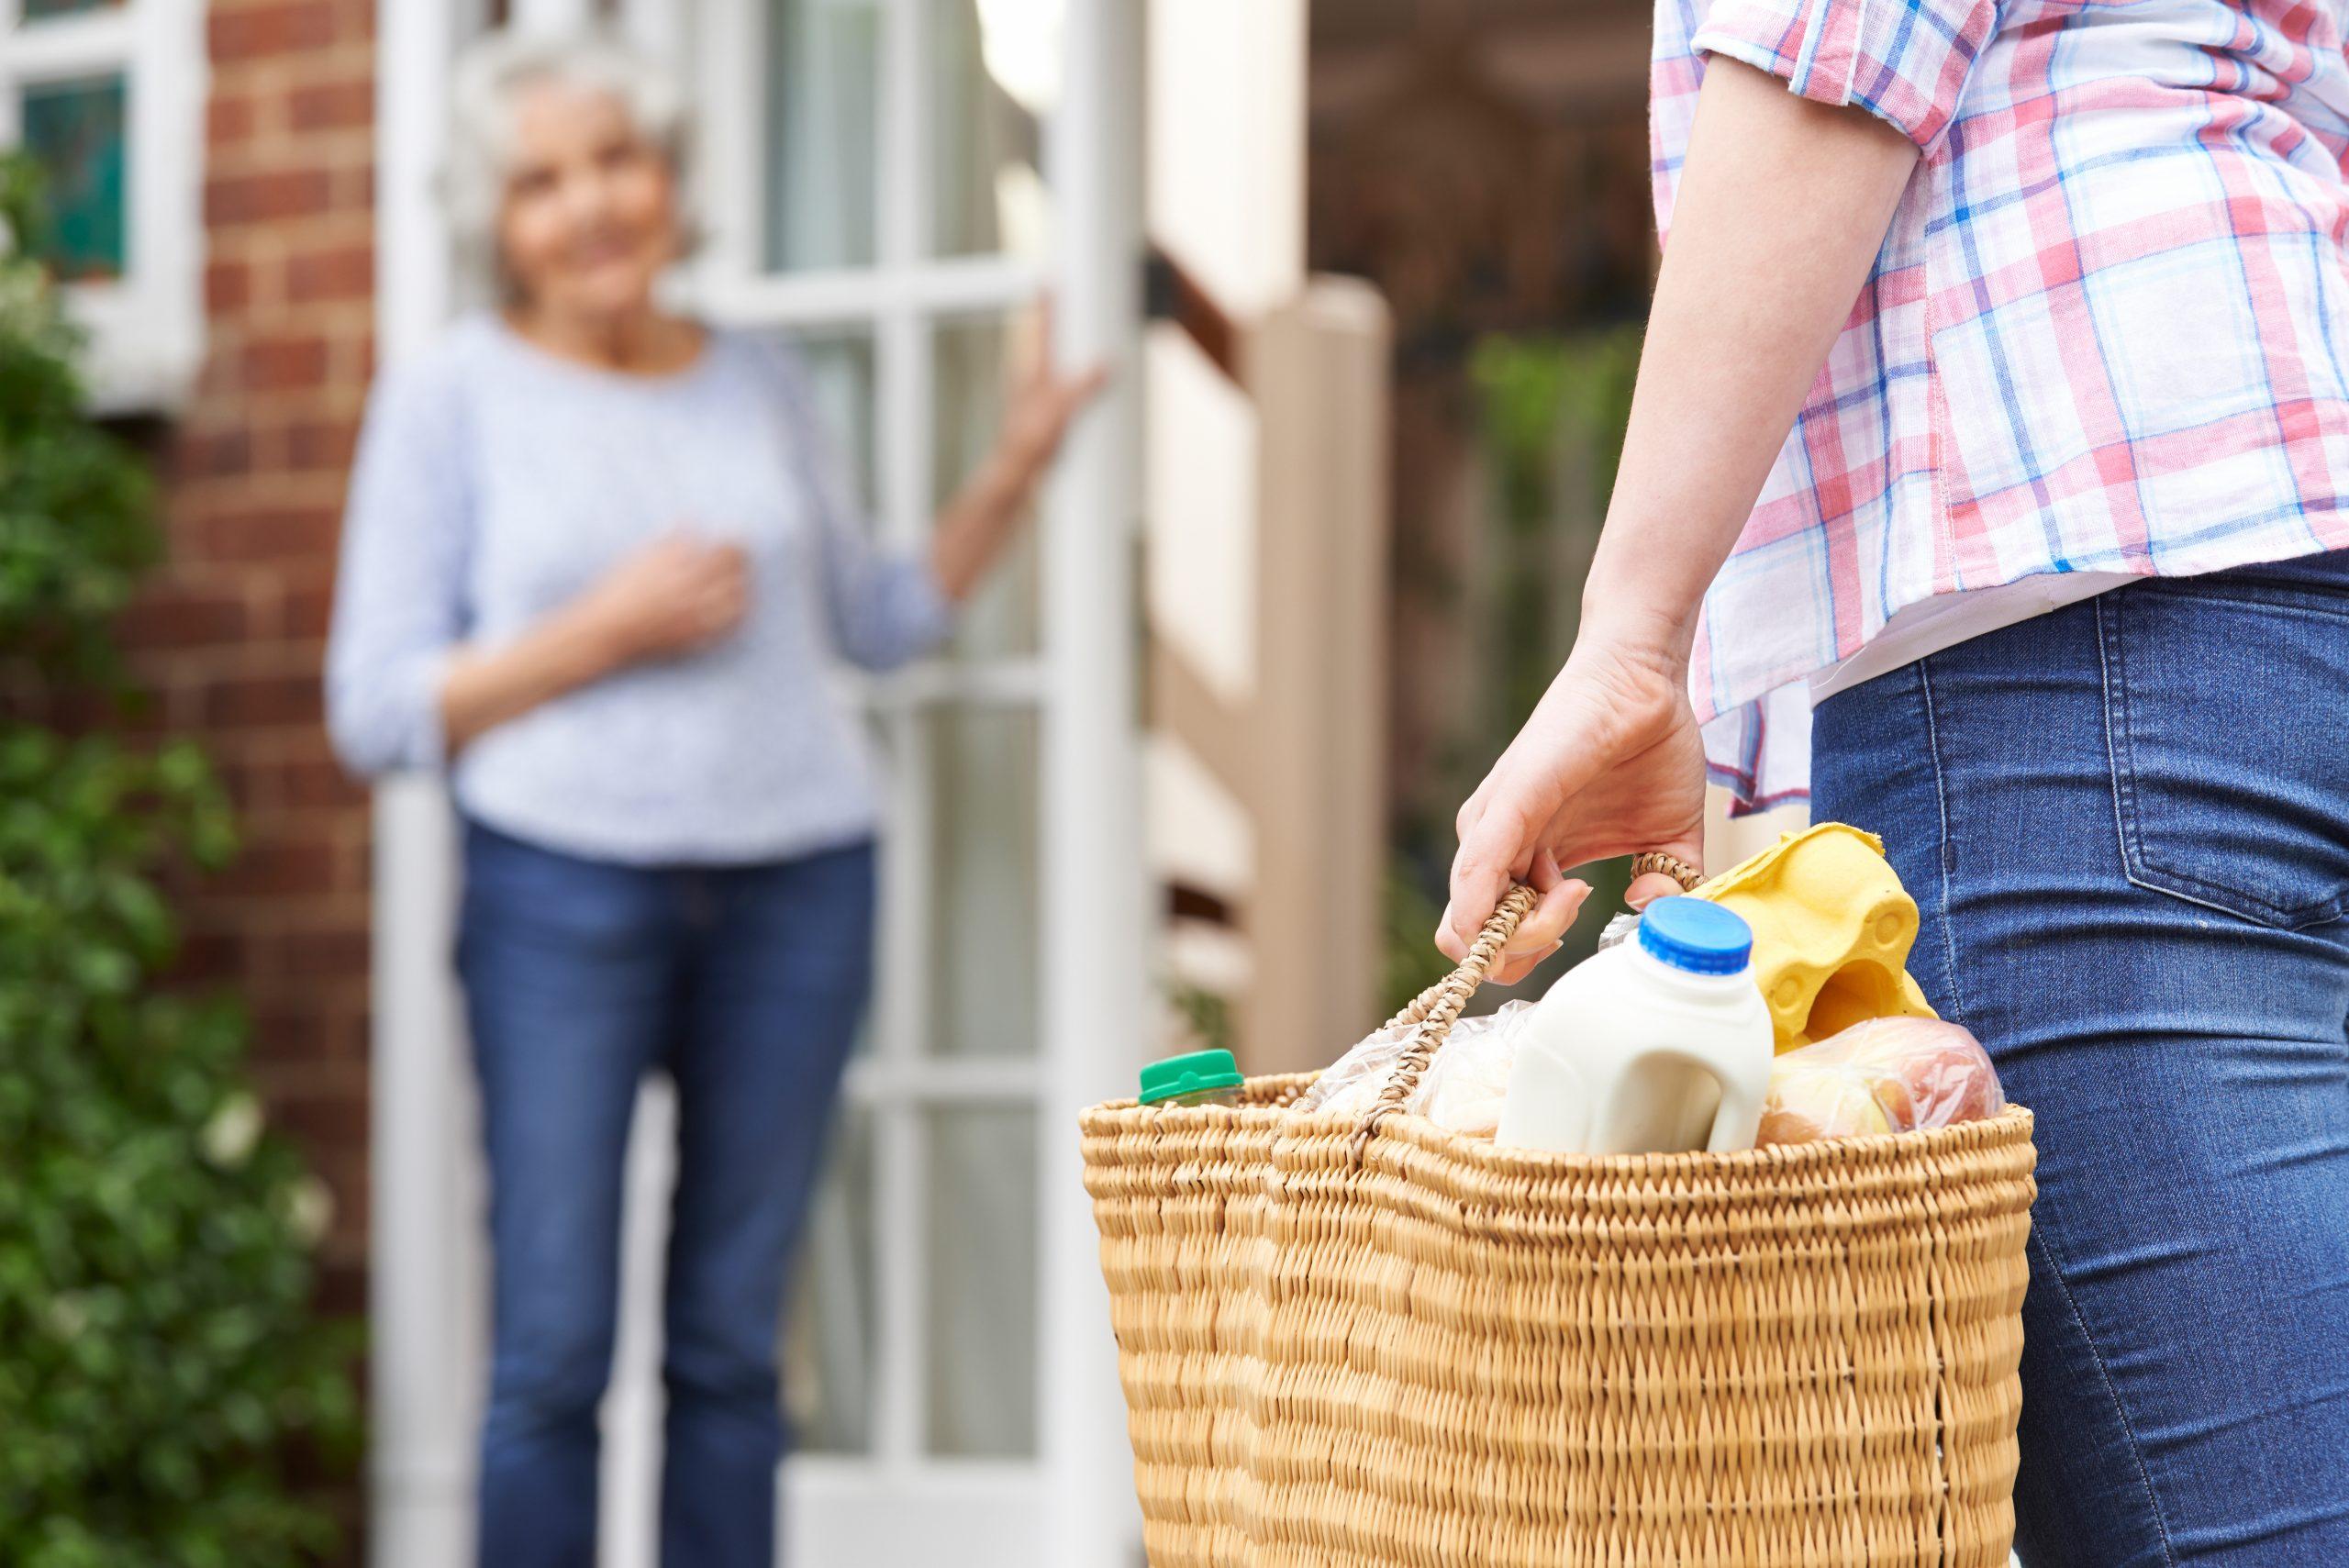 Person,Doing,Shopping,For,Elderly,Neighbor